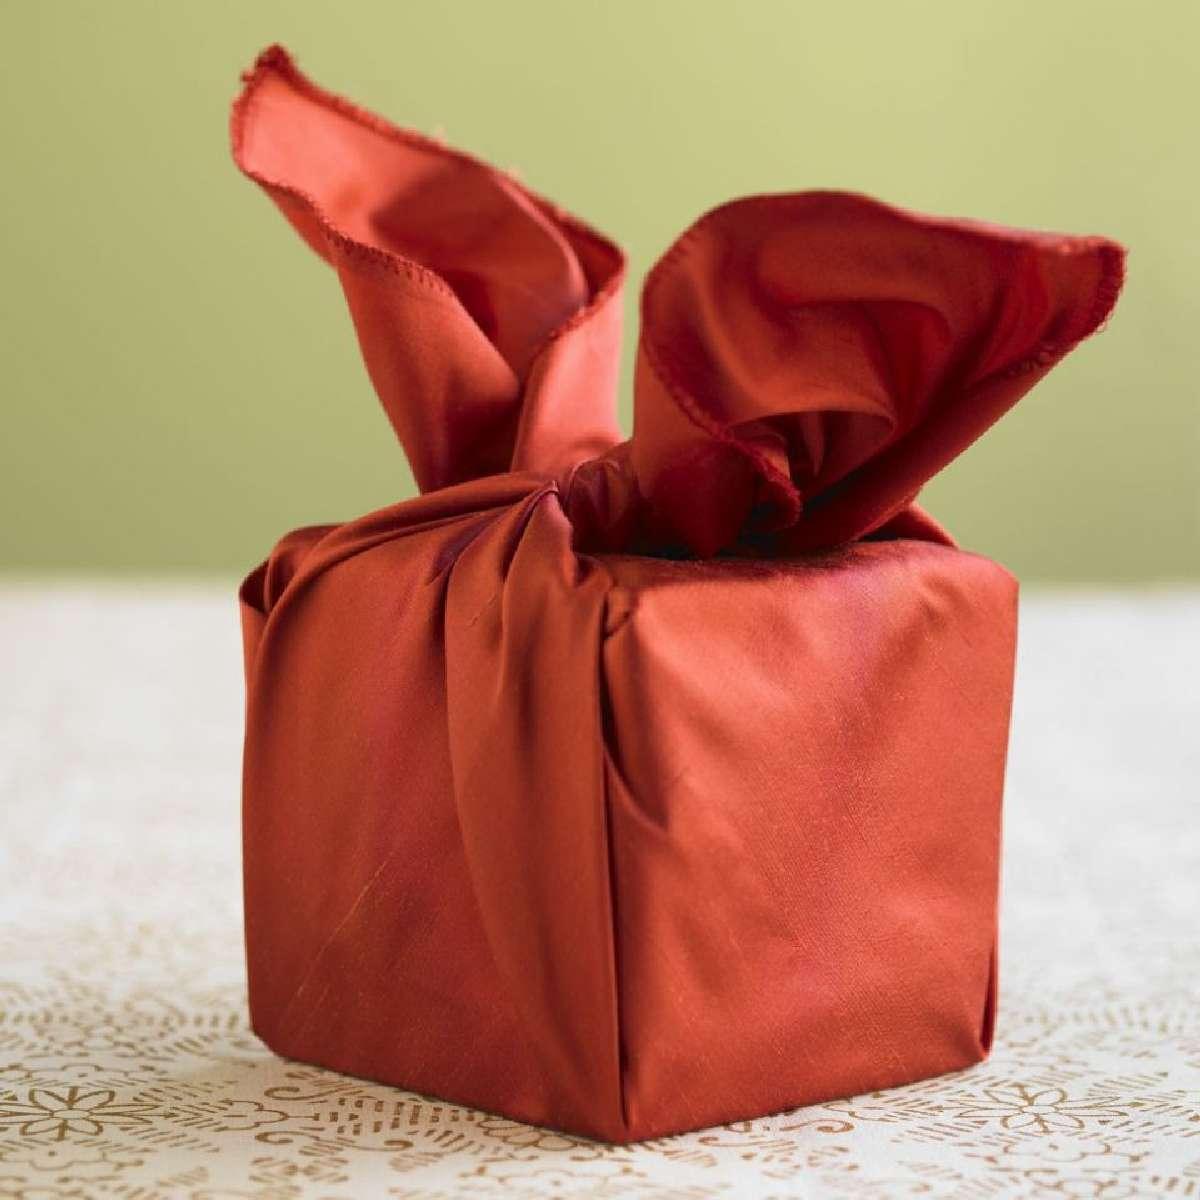 Originales ideas para decorar y envolver los regalos navideños 4